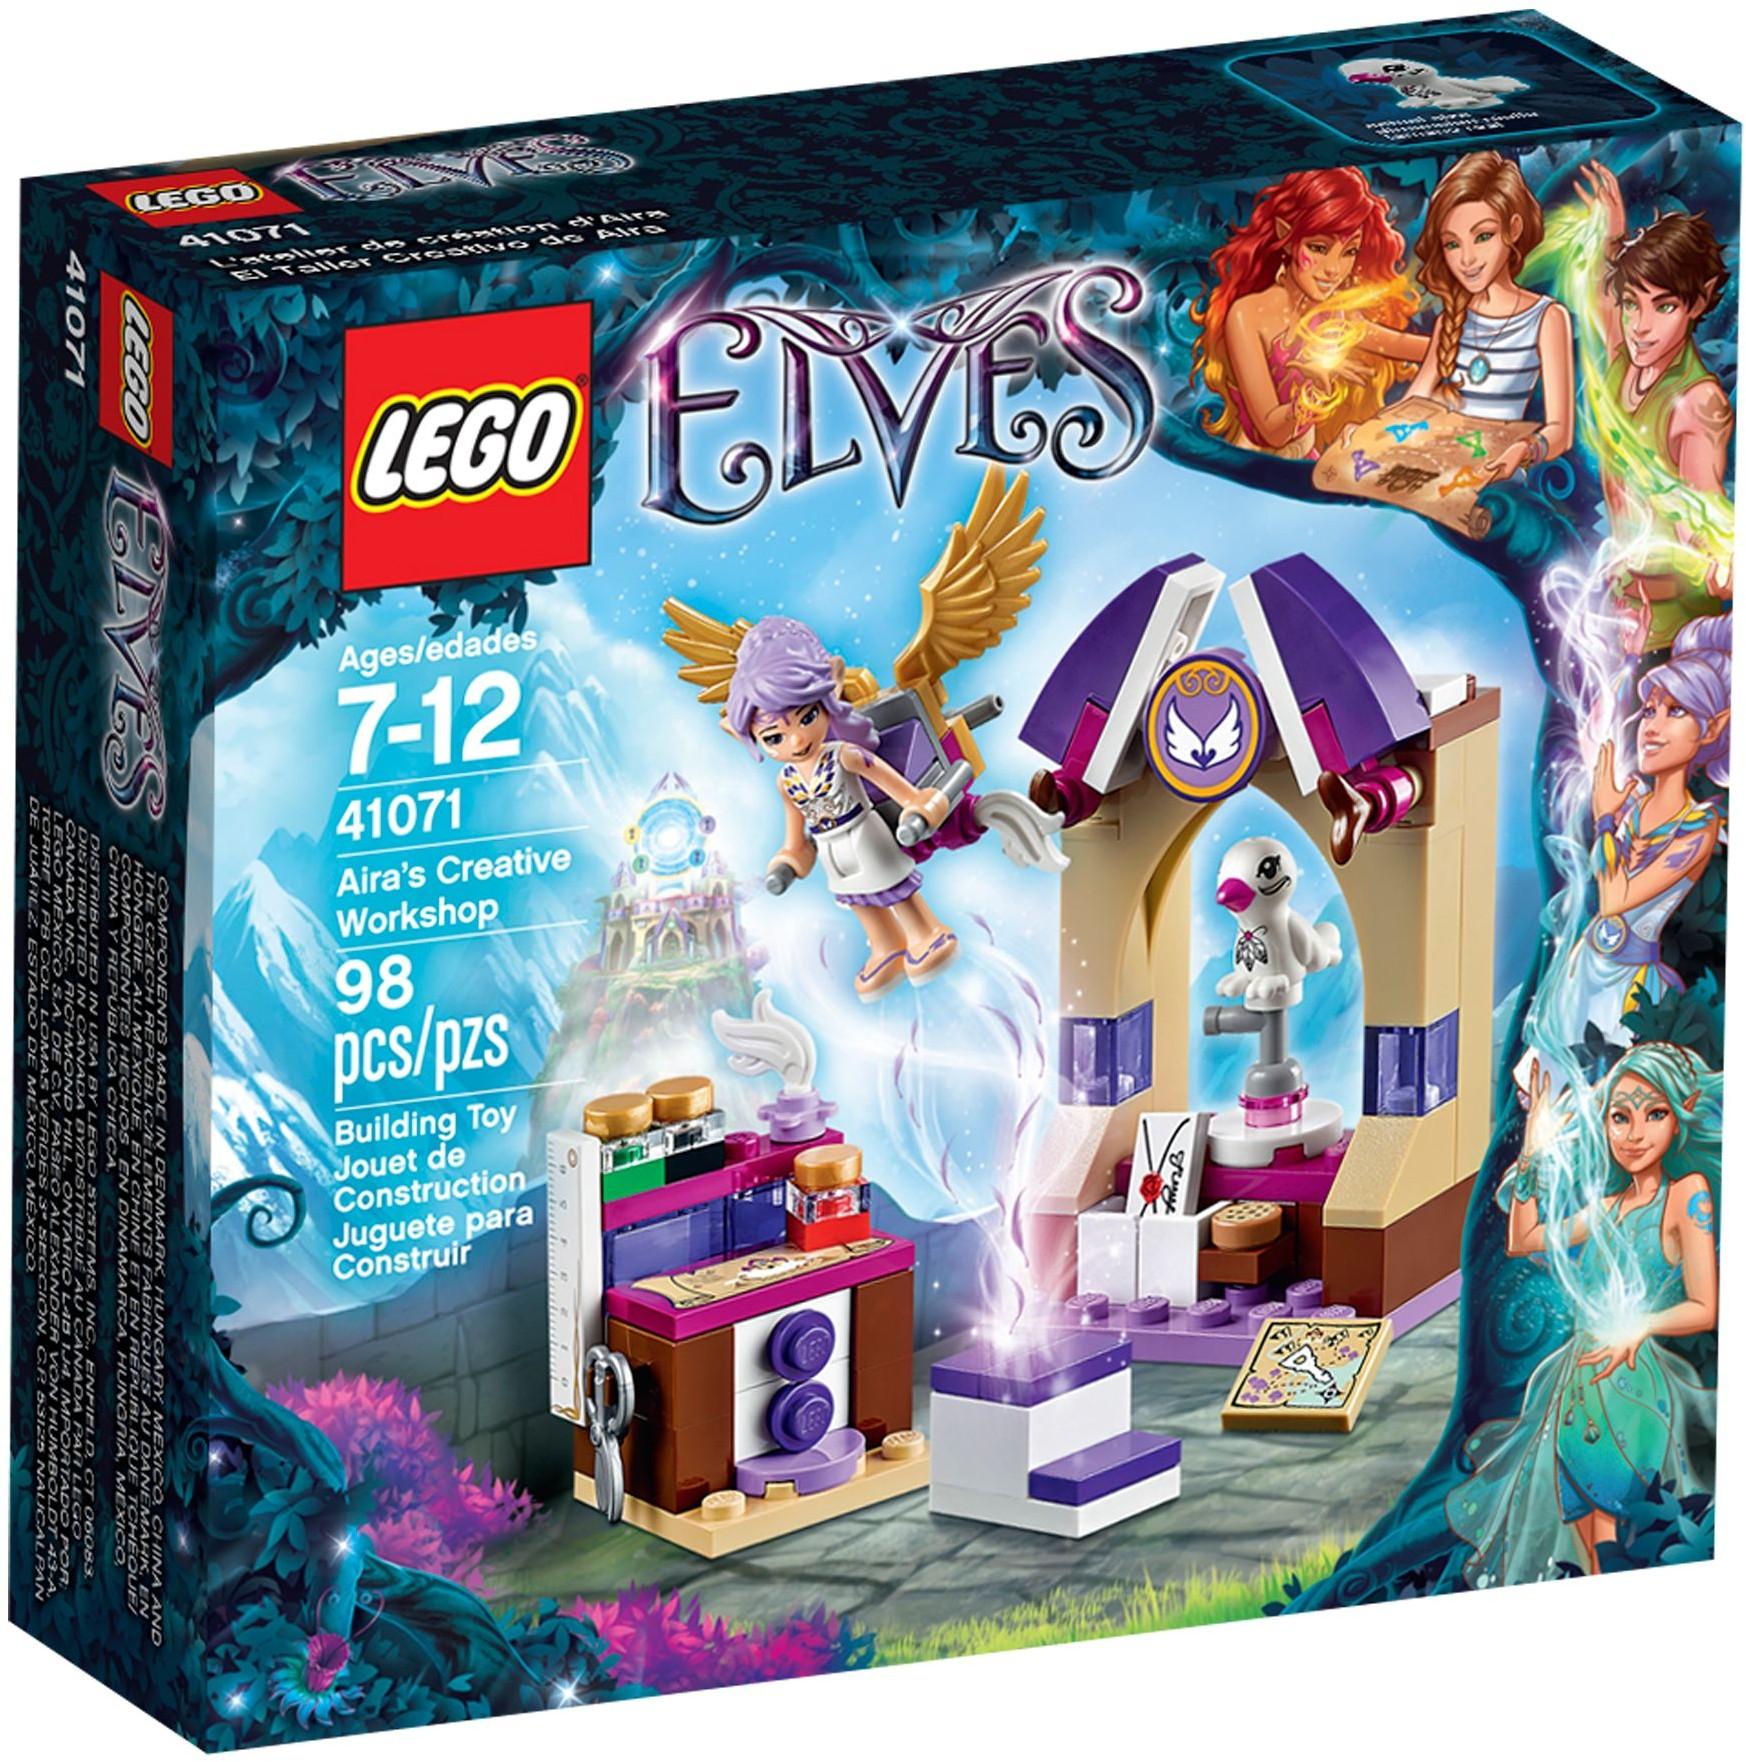 LEGO Elves 41071 Aira a její tvůrčí dílna